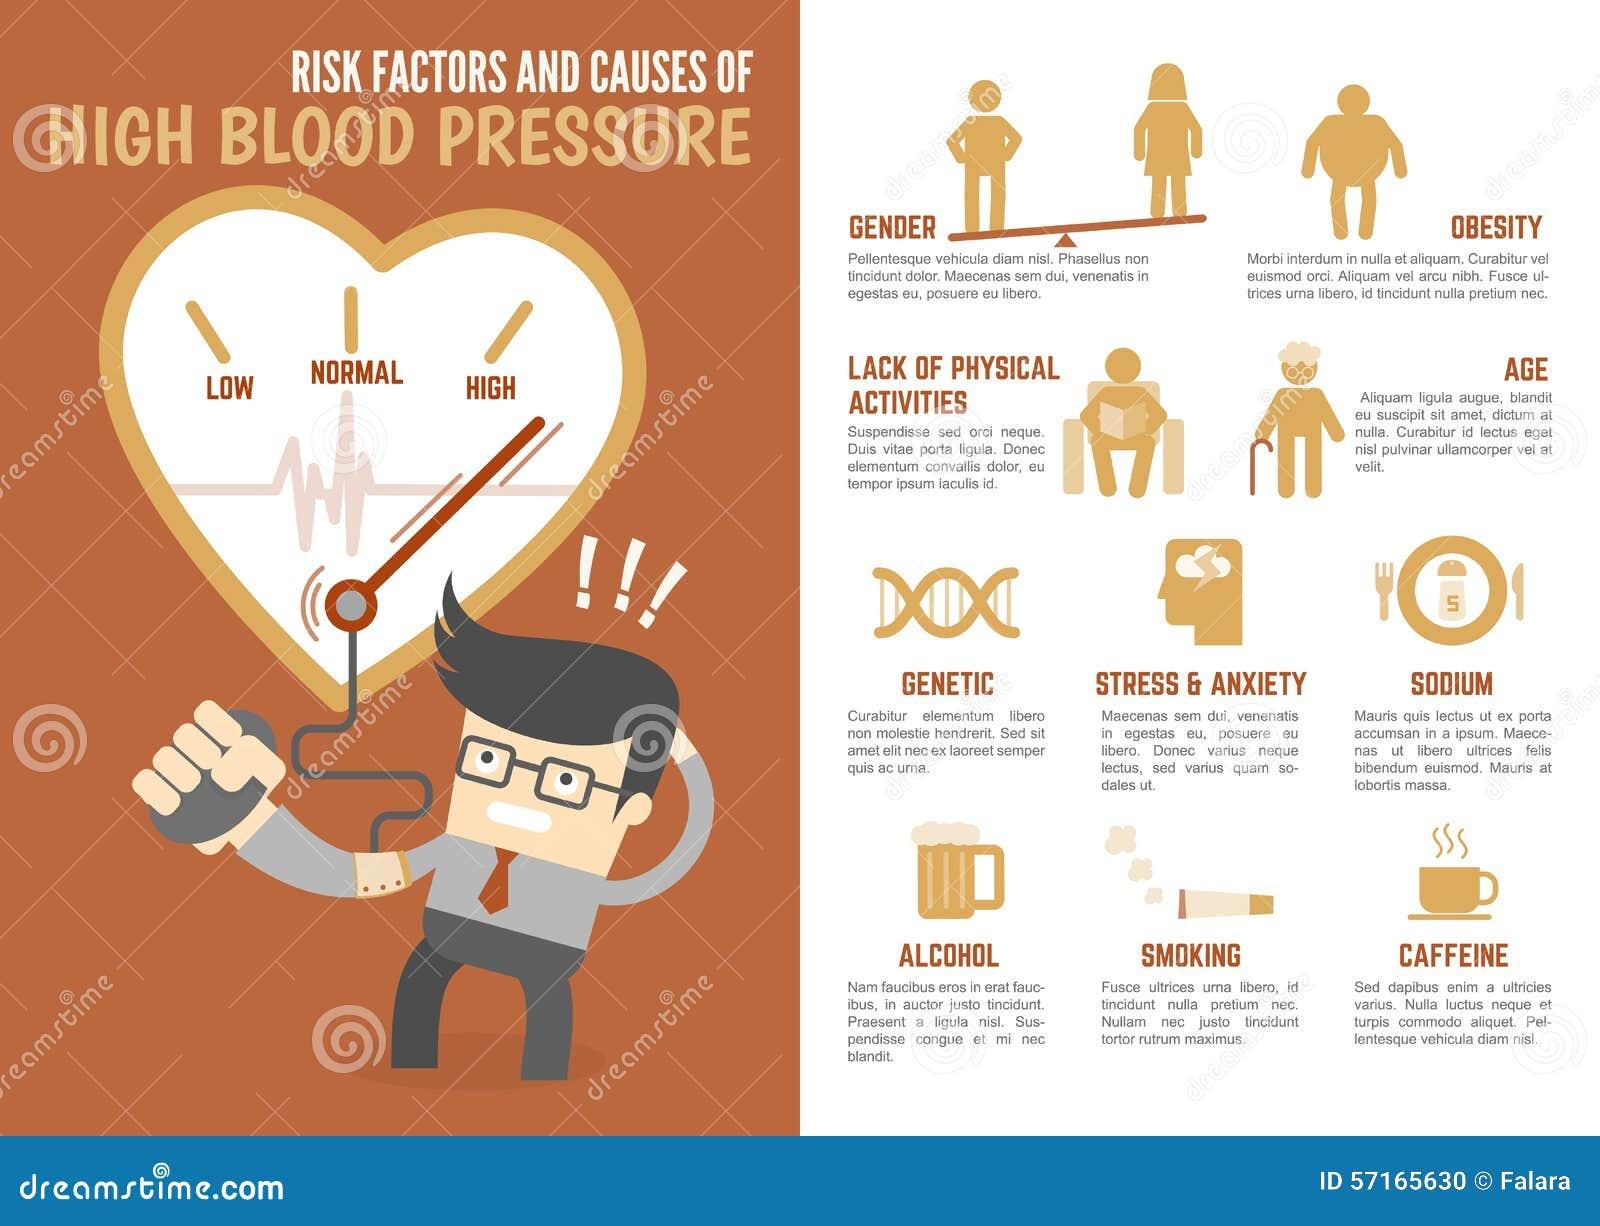 Causas de la presión arterial alta cafeína - Puede..